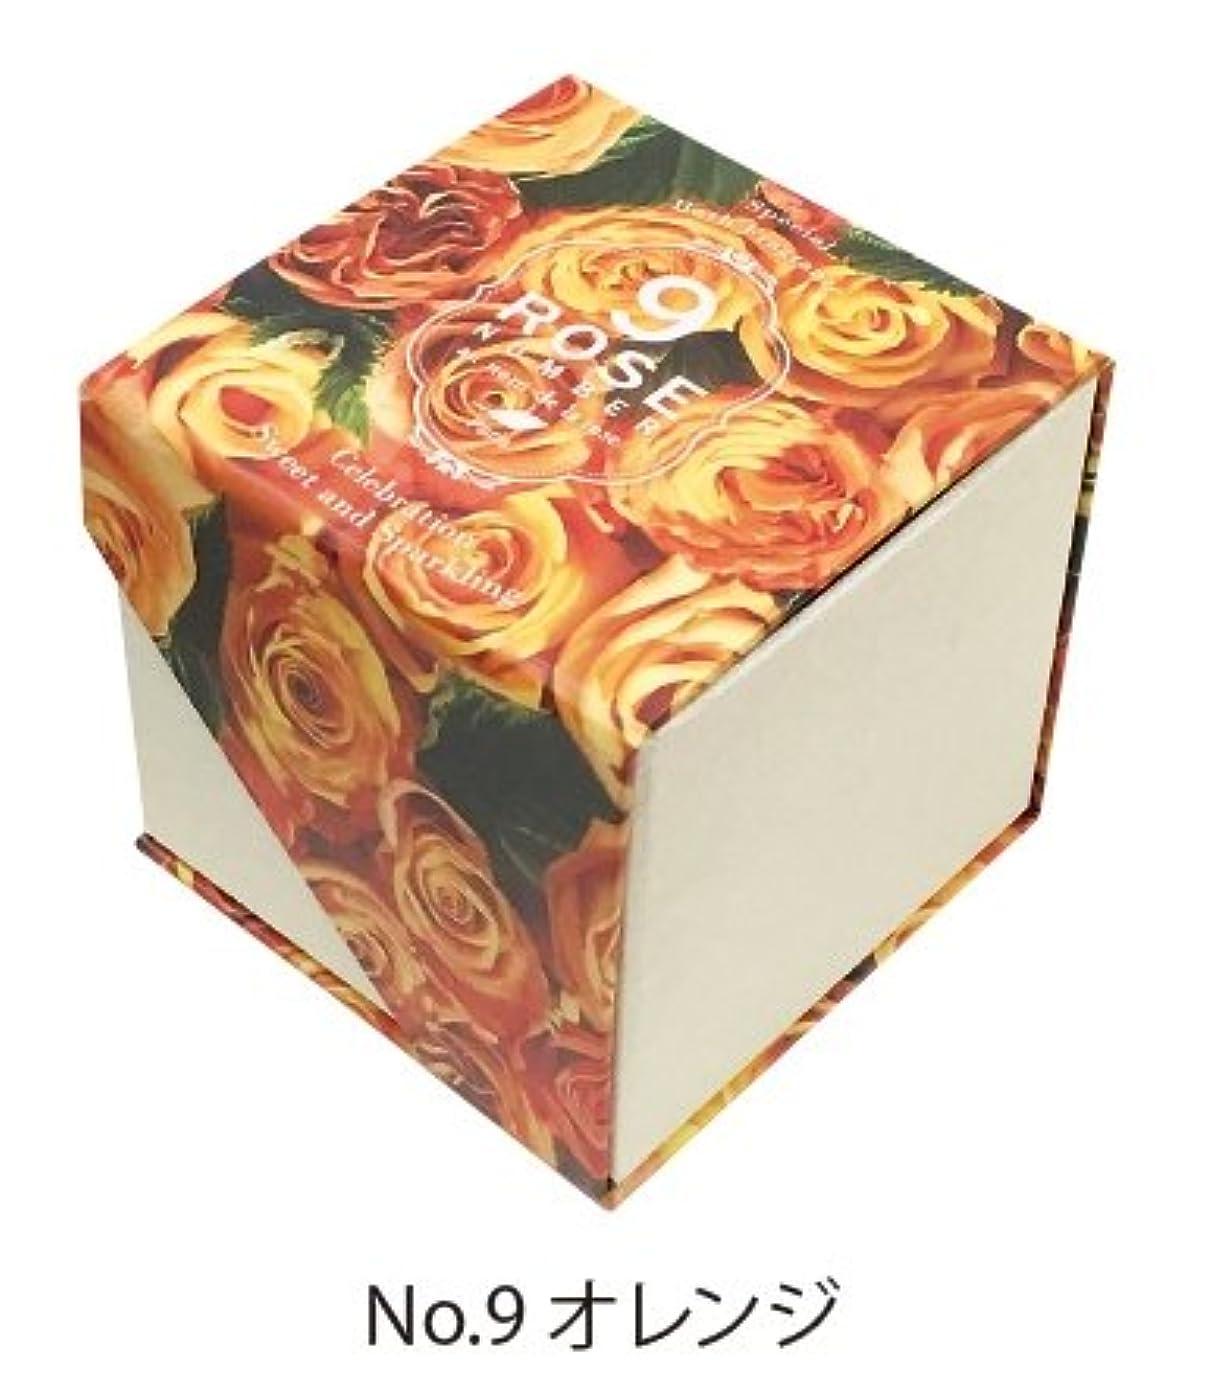 非効率的な必要ない統治する九州フラワーサービス(Kyushu Flower Service) 入浴剤 77280